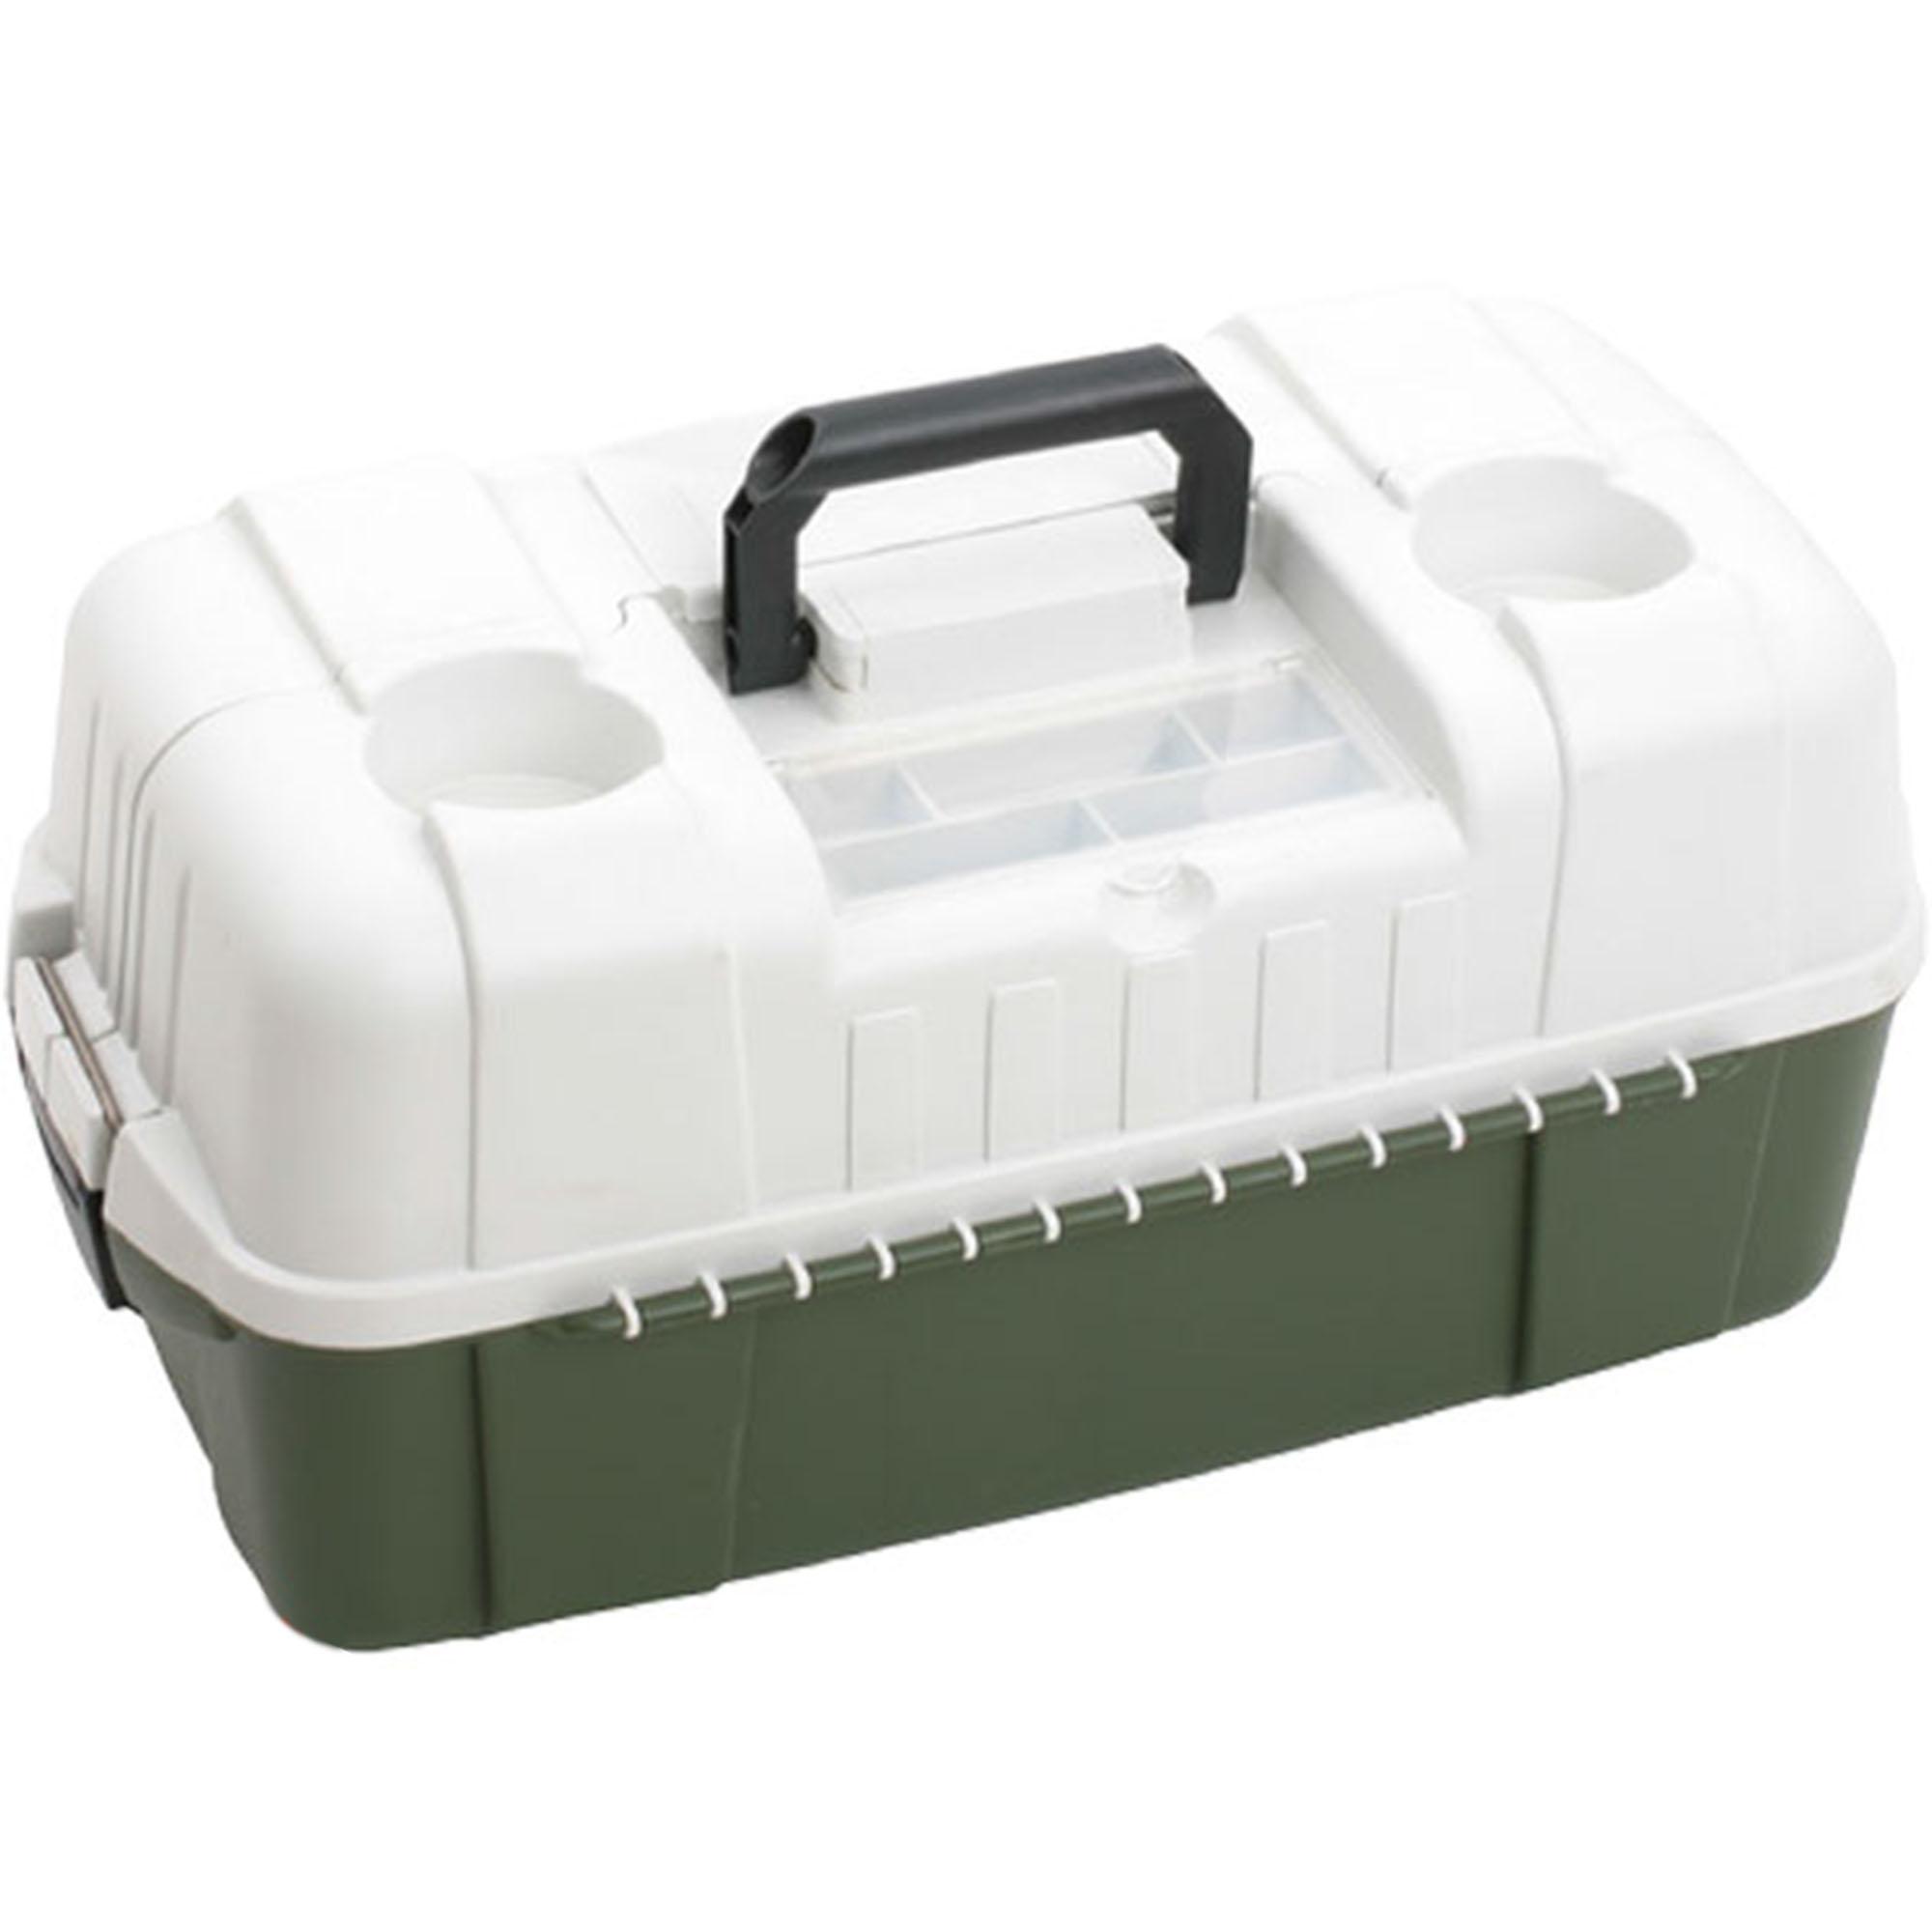 Купить Бокс рыболова Mikado UAC-A011 (46 x 22 x 22 см.) для пилкеров, Компания NOVA TOUR